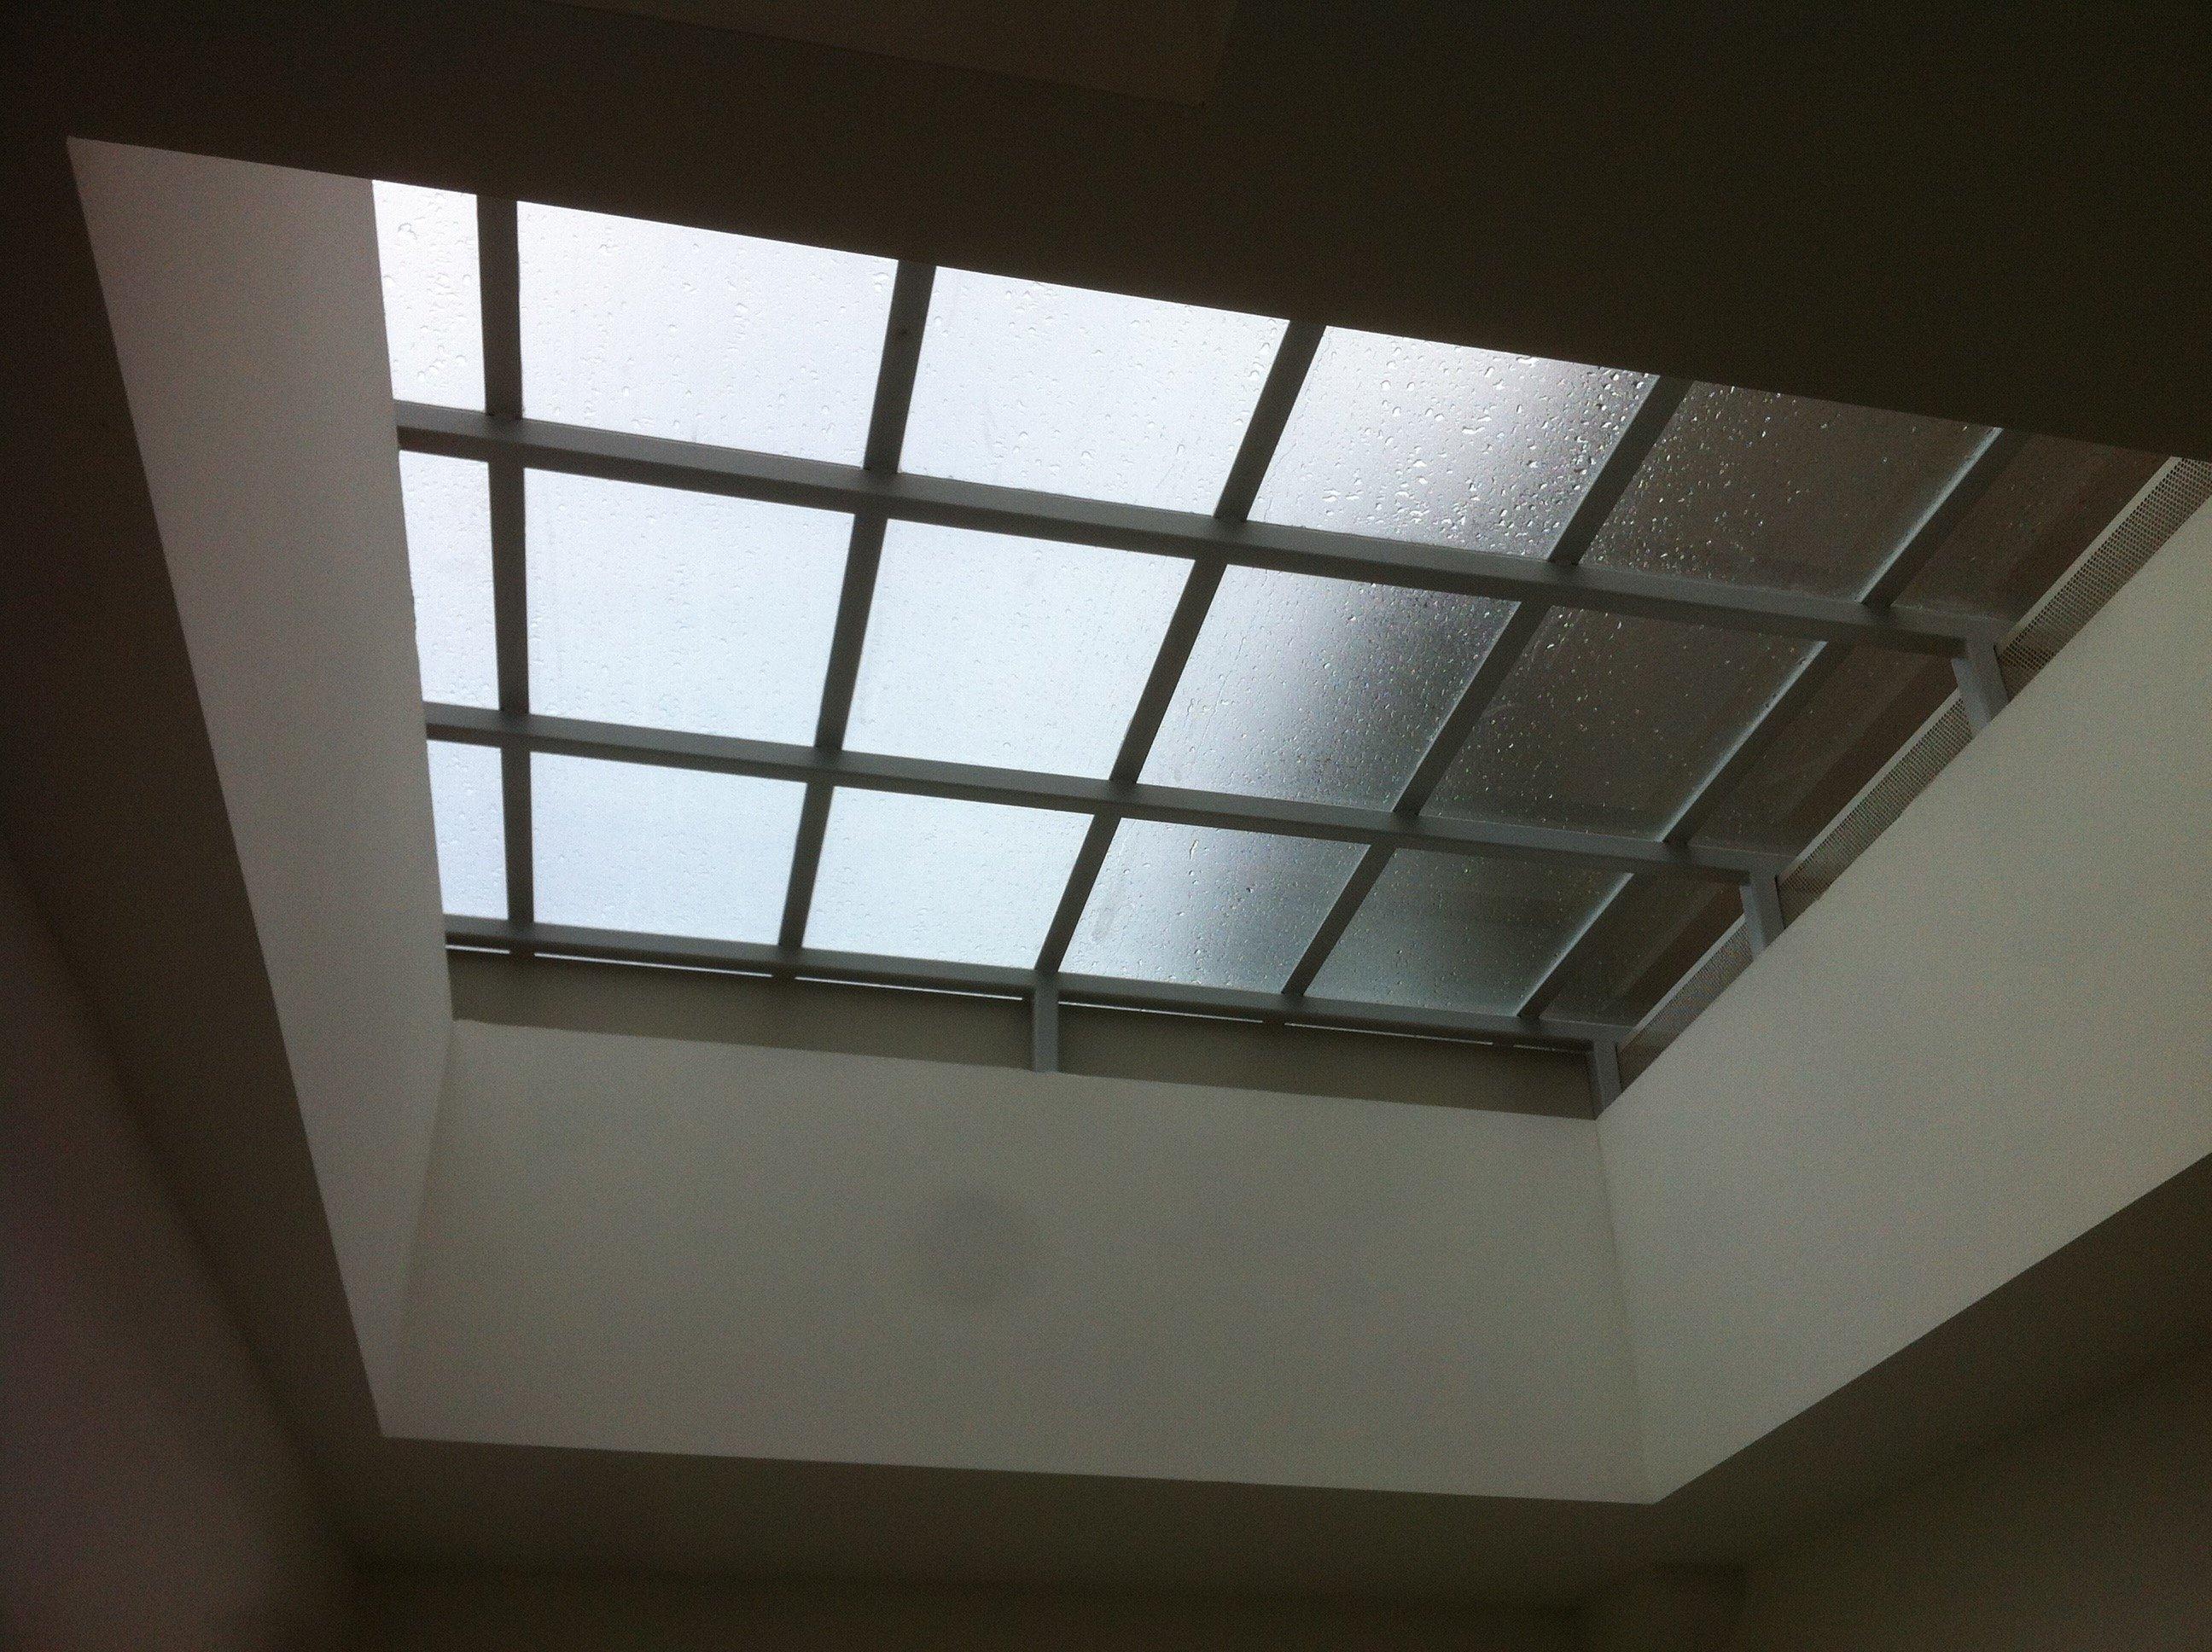 vetro di sicurezza finestra